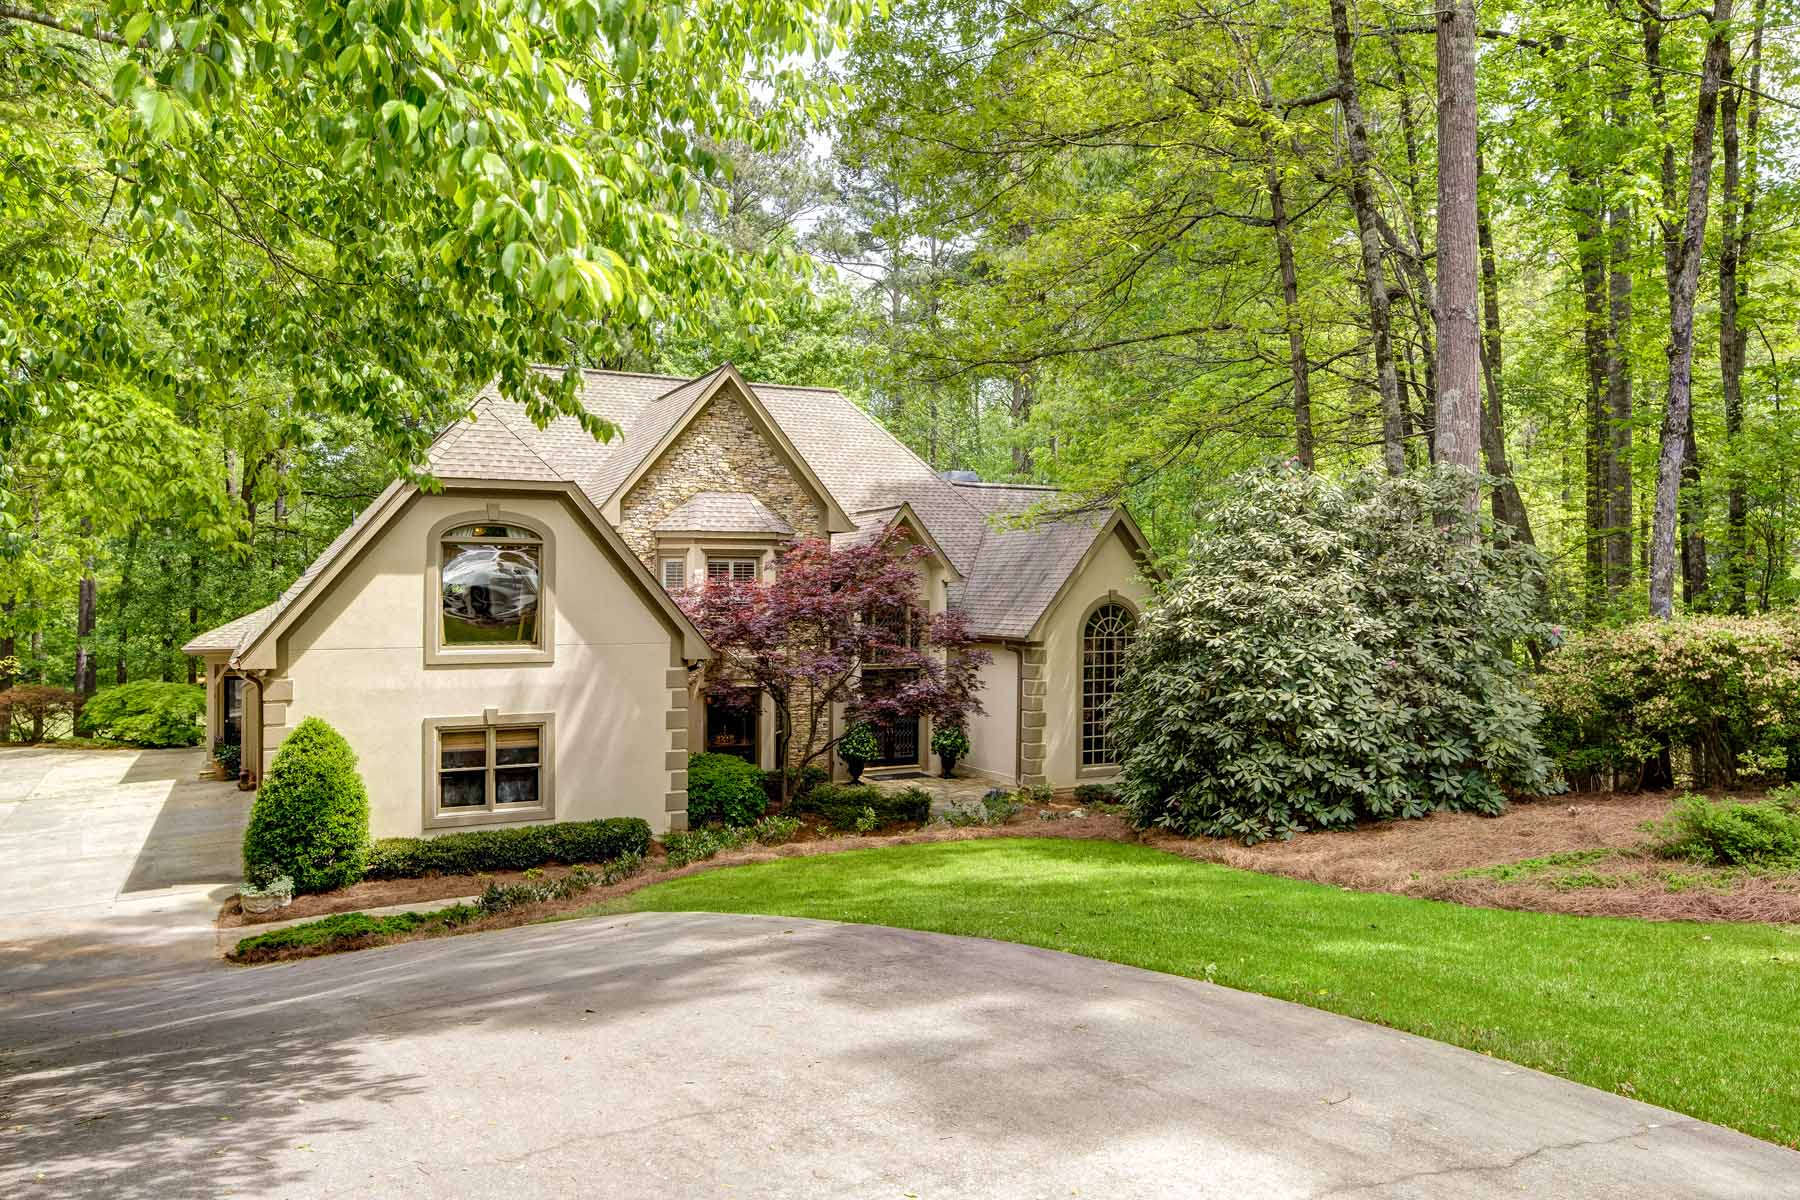 独户住宅 为 销售 在 Spectacular Golf Course Lot 4435 Pemberton Cove 阿法乐特, 乔治亚州, 30022 美国